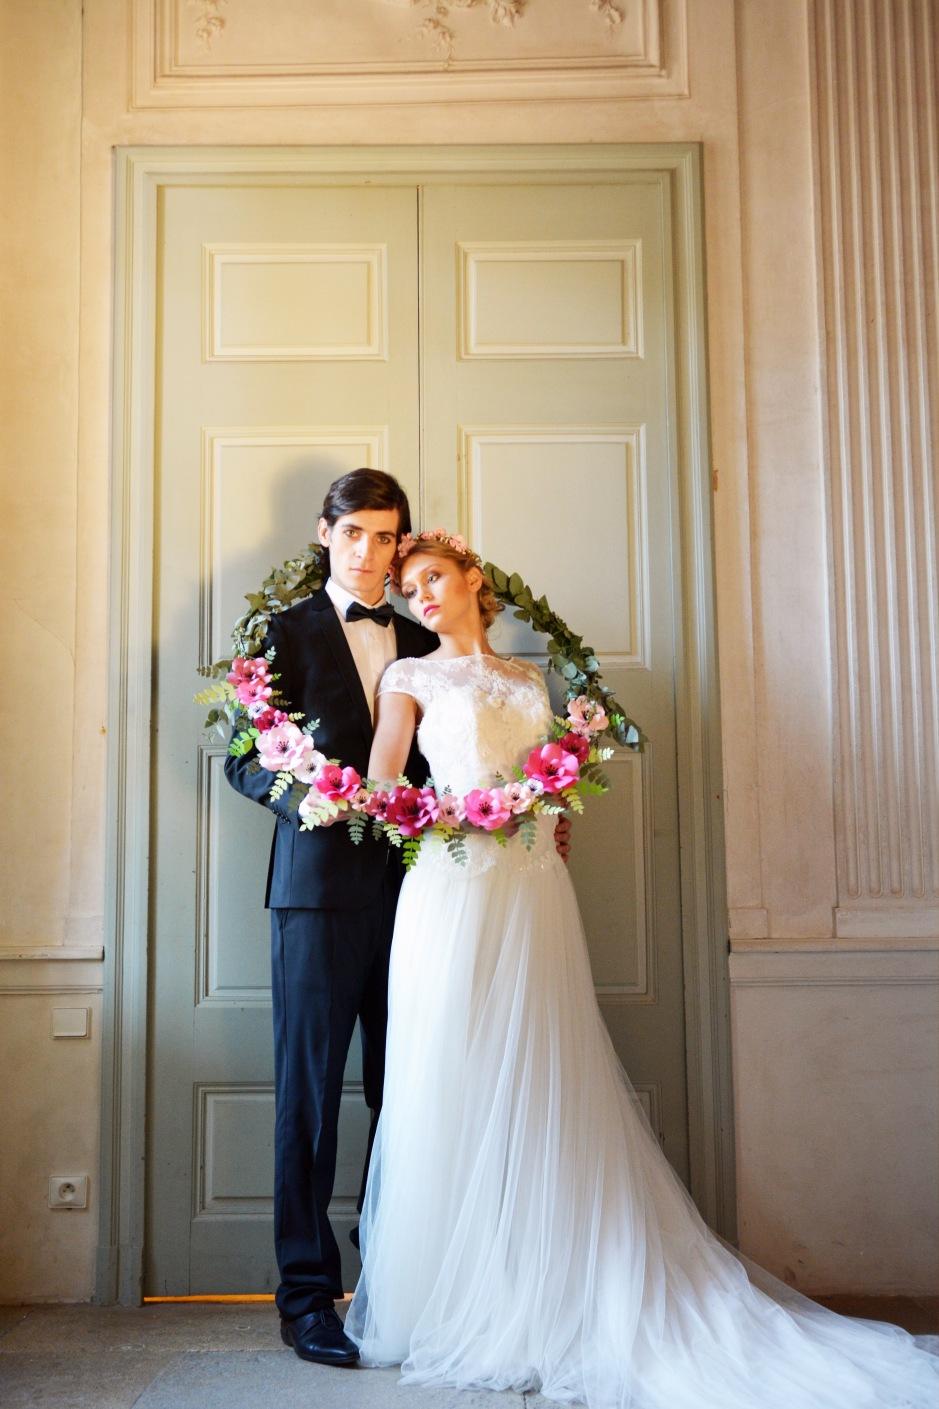 mariage-fiancailles-st-valentin-chateau-de-la-mogere-58